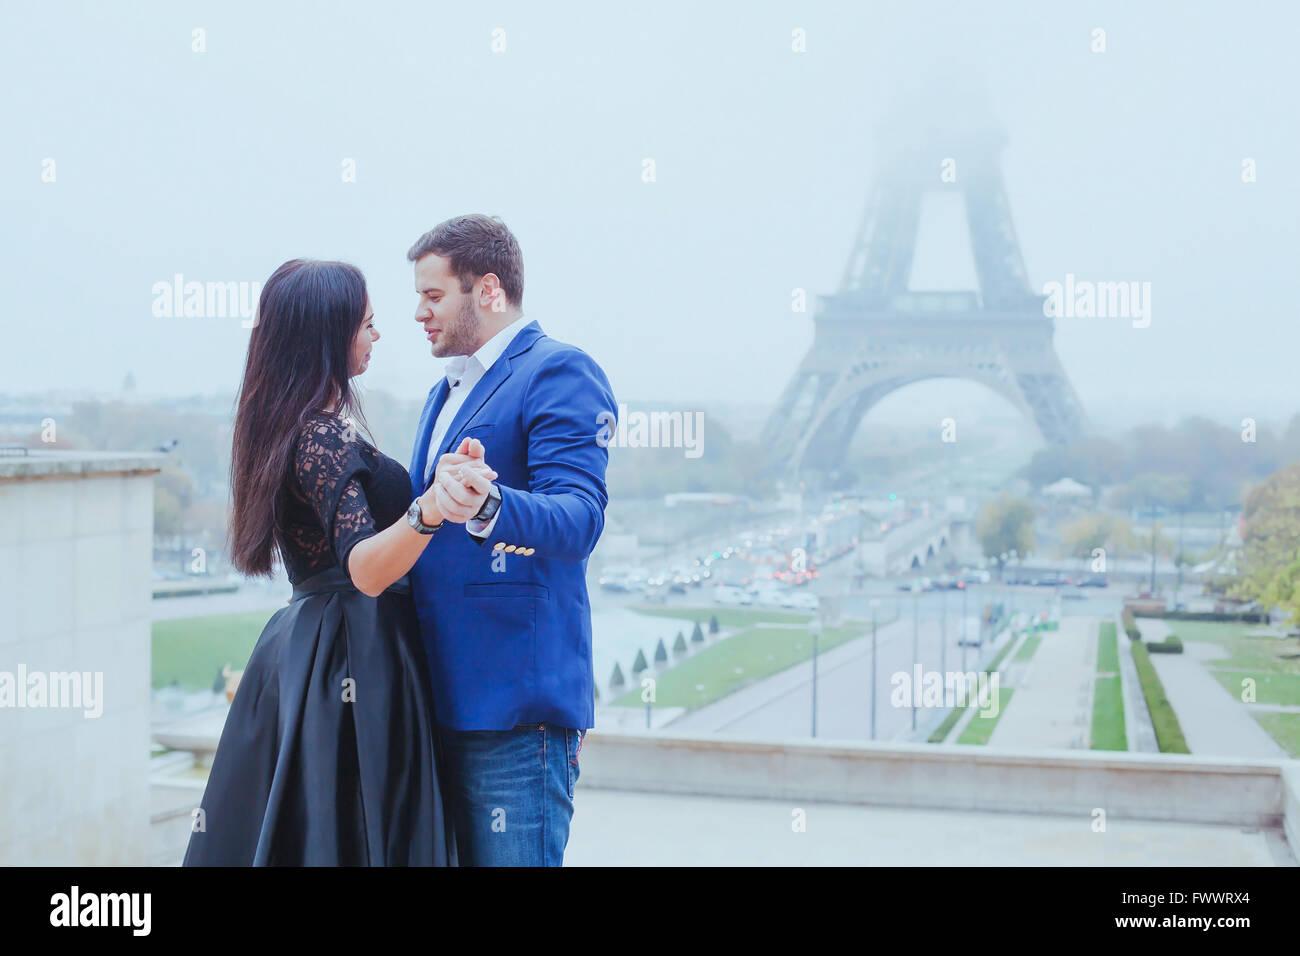 Momento romántico cerca de la torre Eiffel, el retrato de una pareja en el amor Imagen De Stock